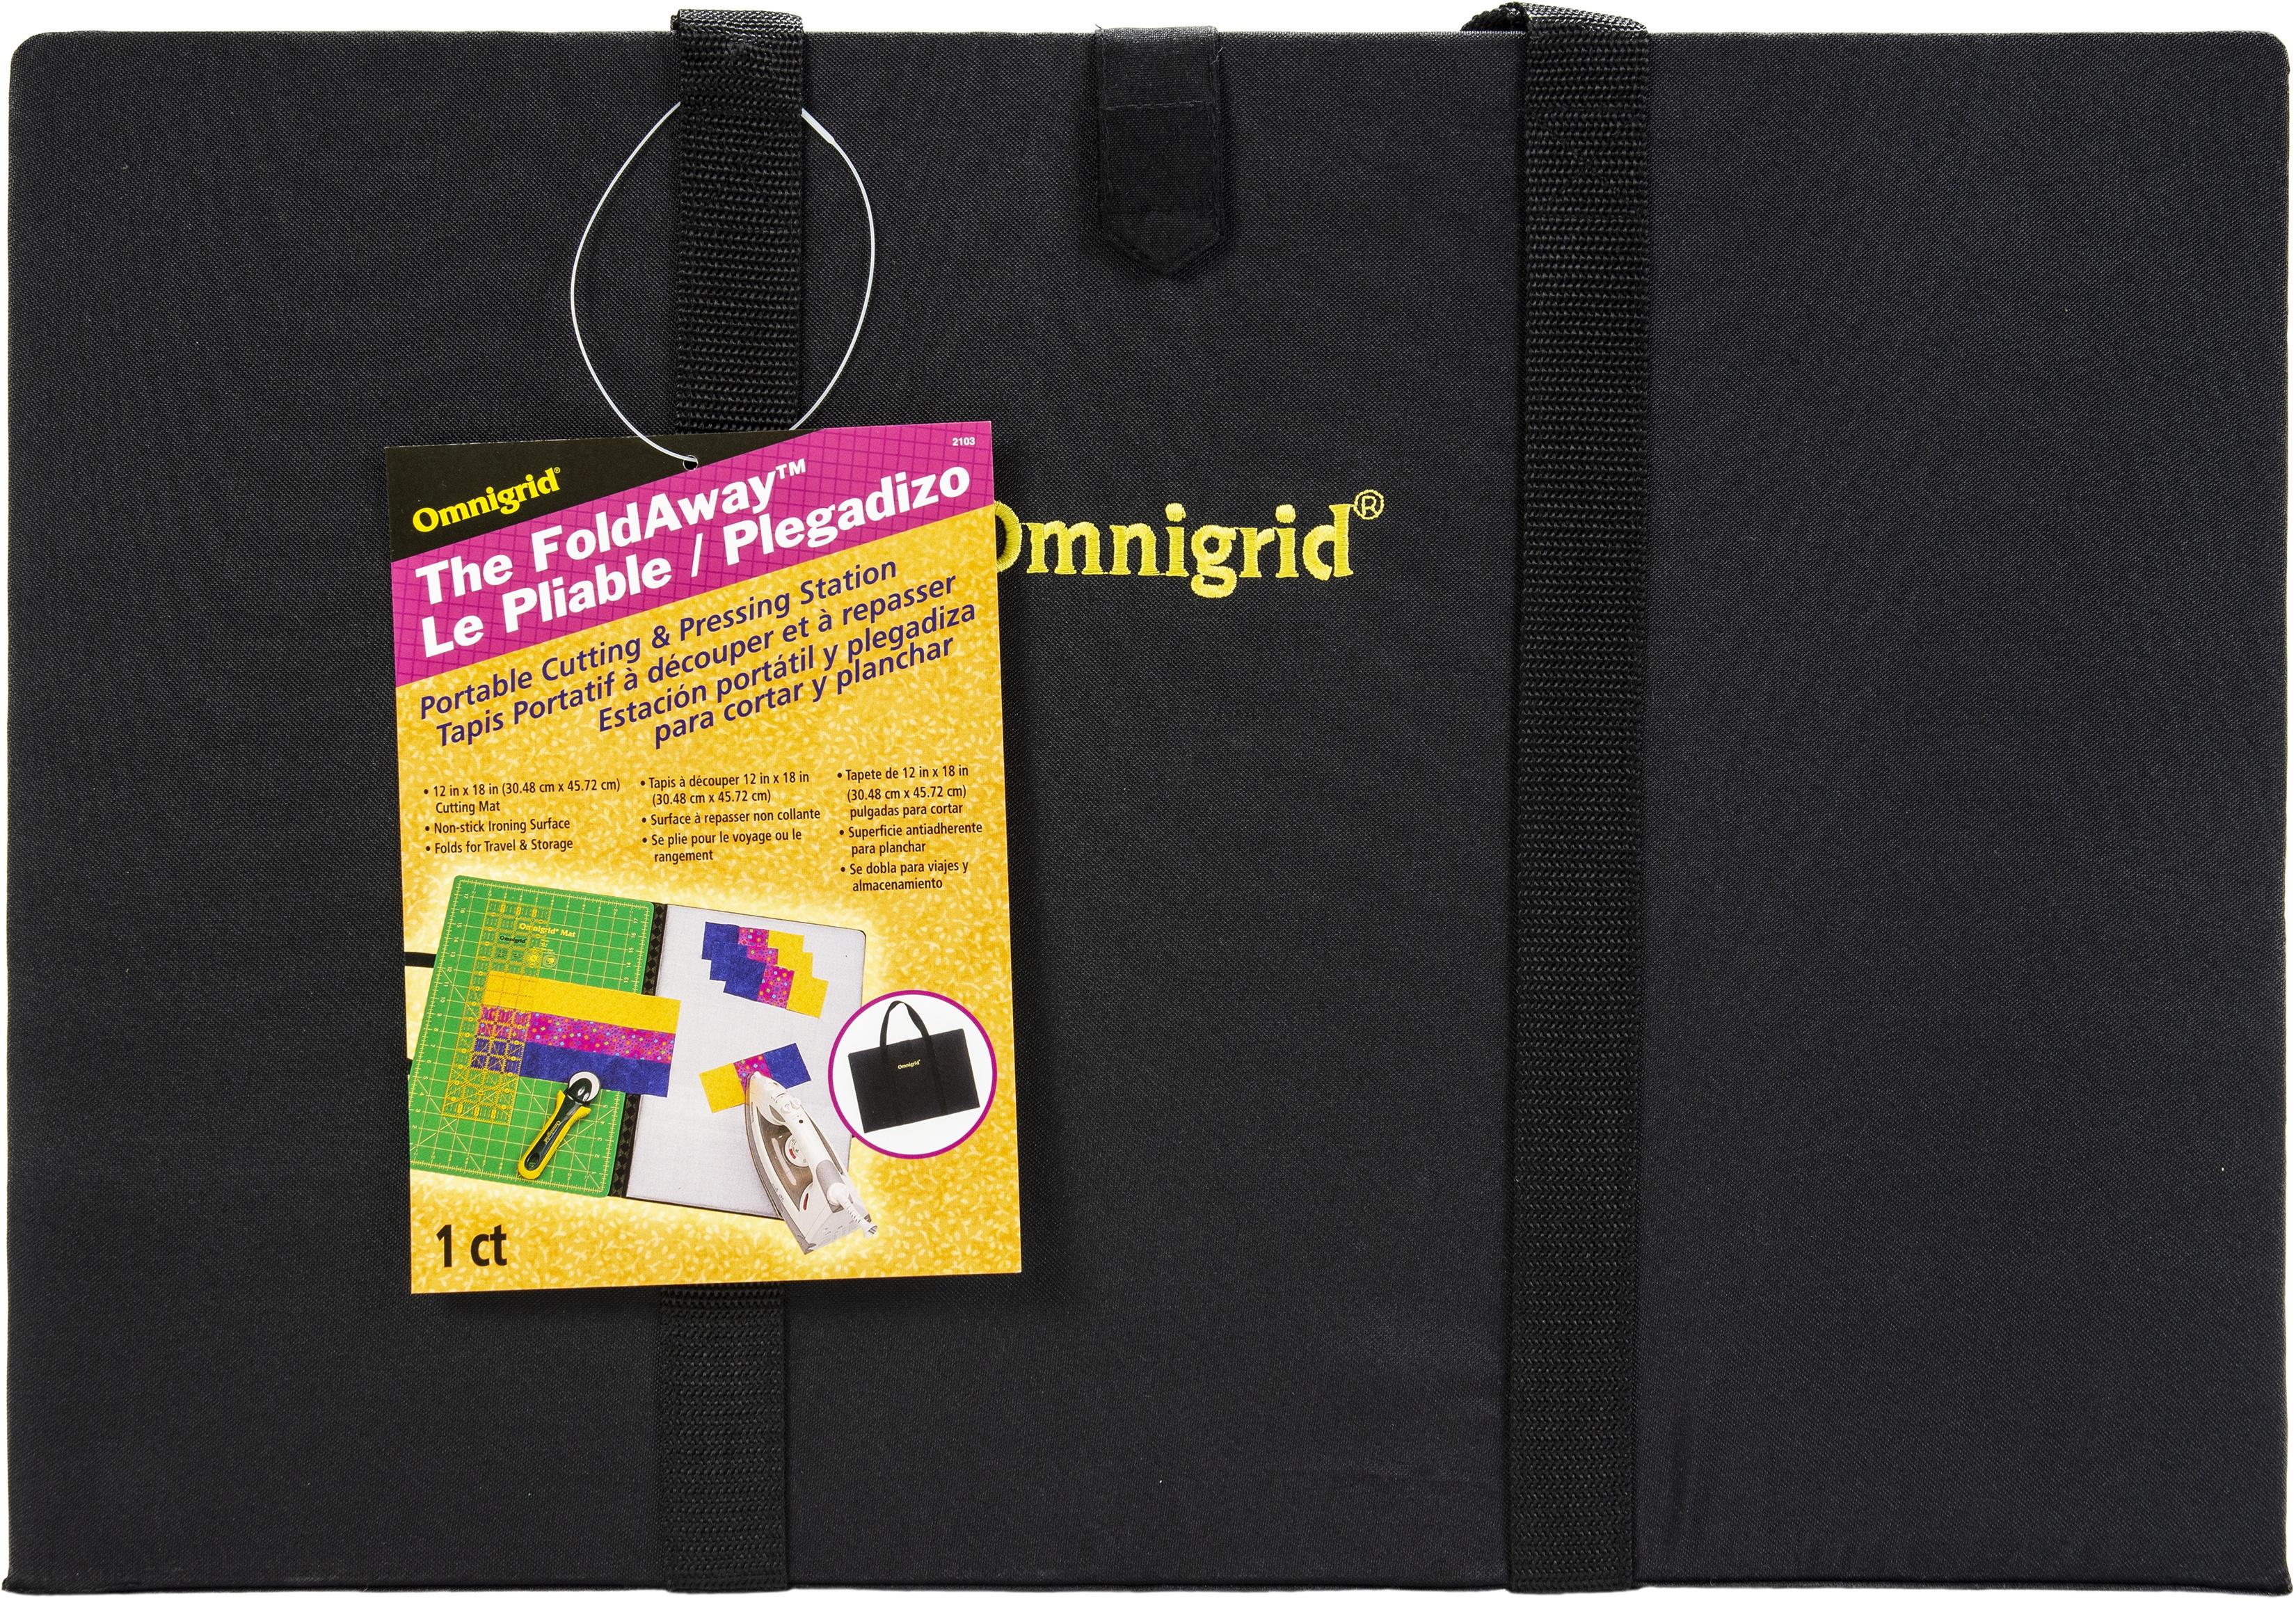 Omnigrid Gear Fold Away Portable Cutting & Pressure Station-12X18